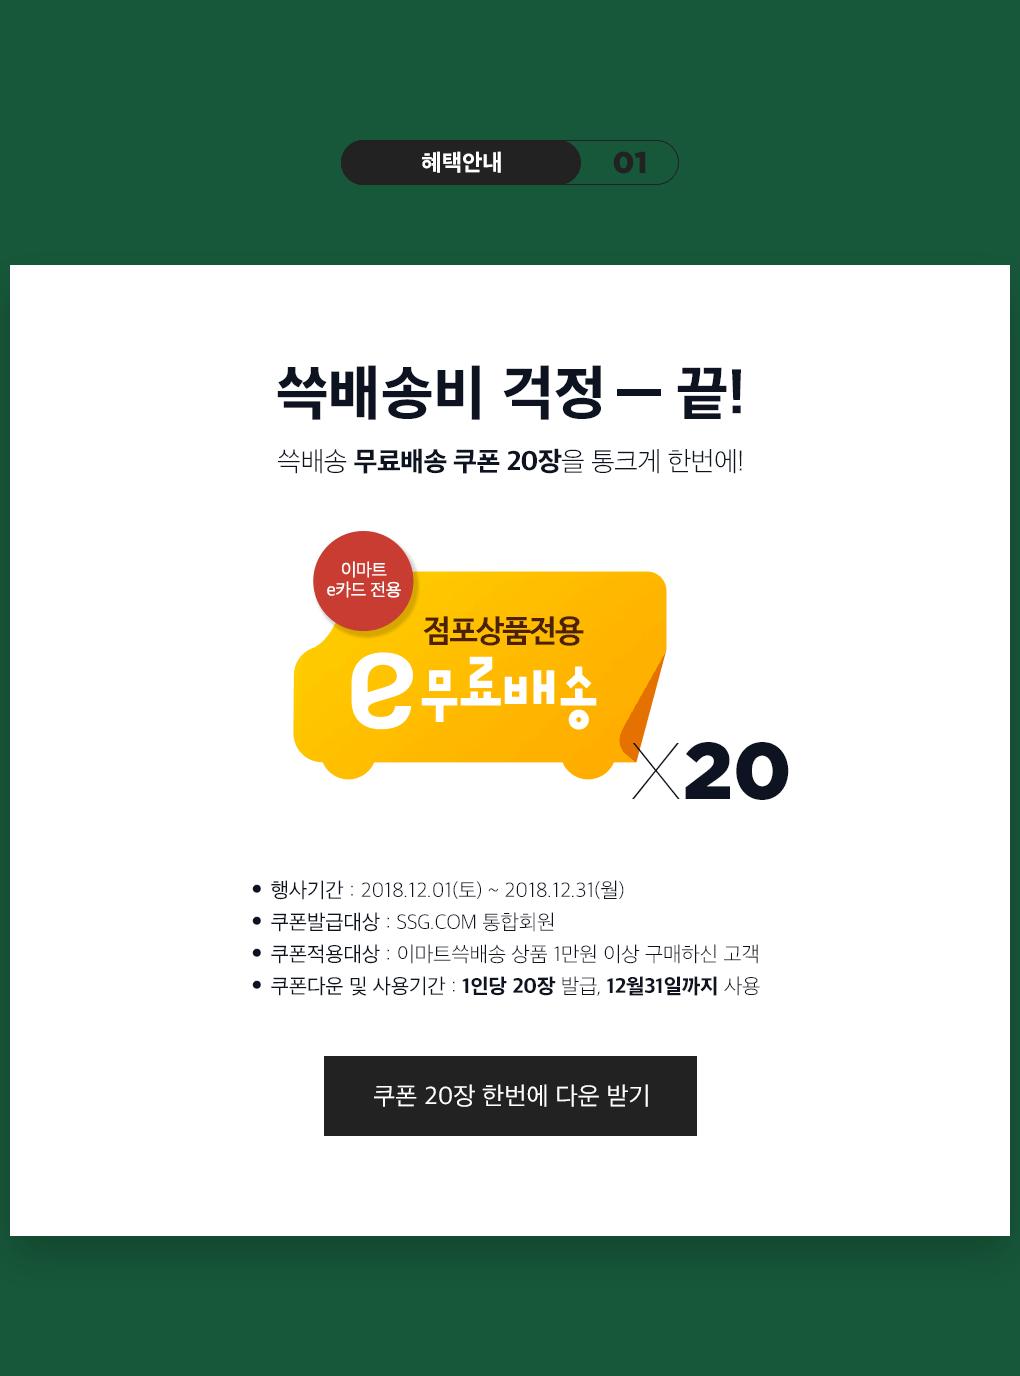 이마트 e카드 전용 점포상품전용 e무료배송 쿠폰 20장